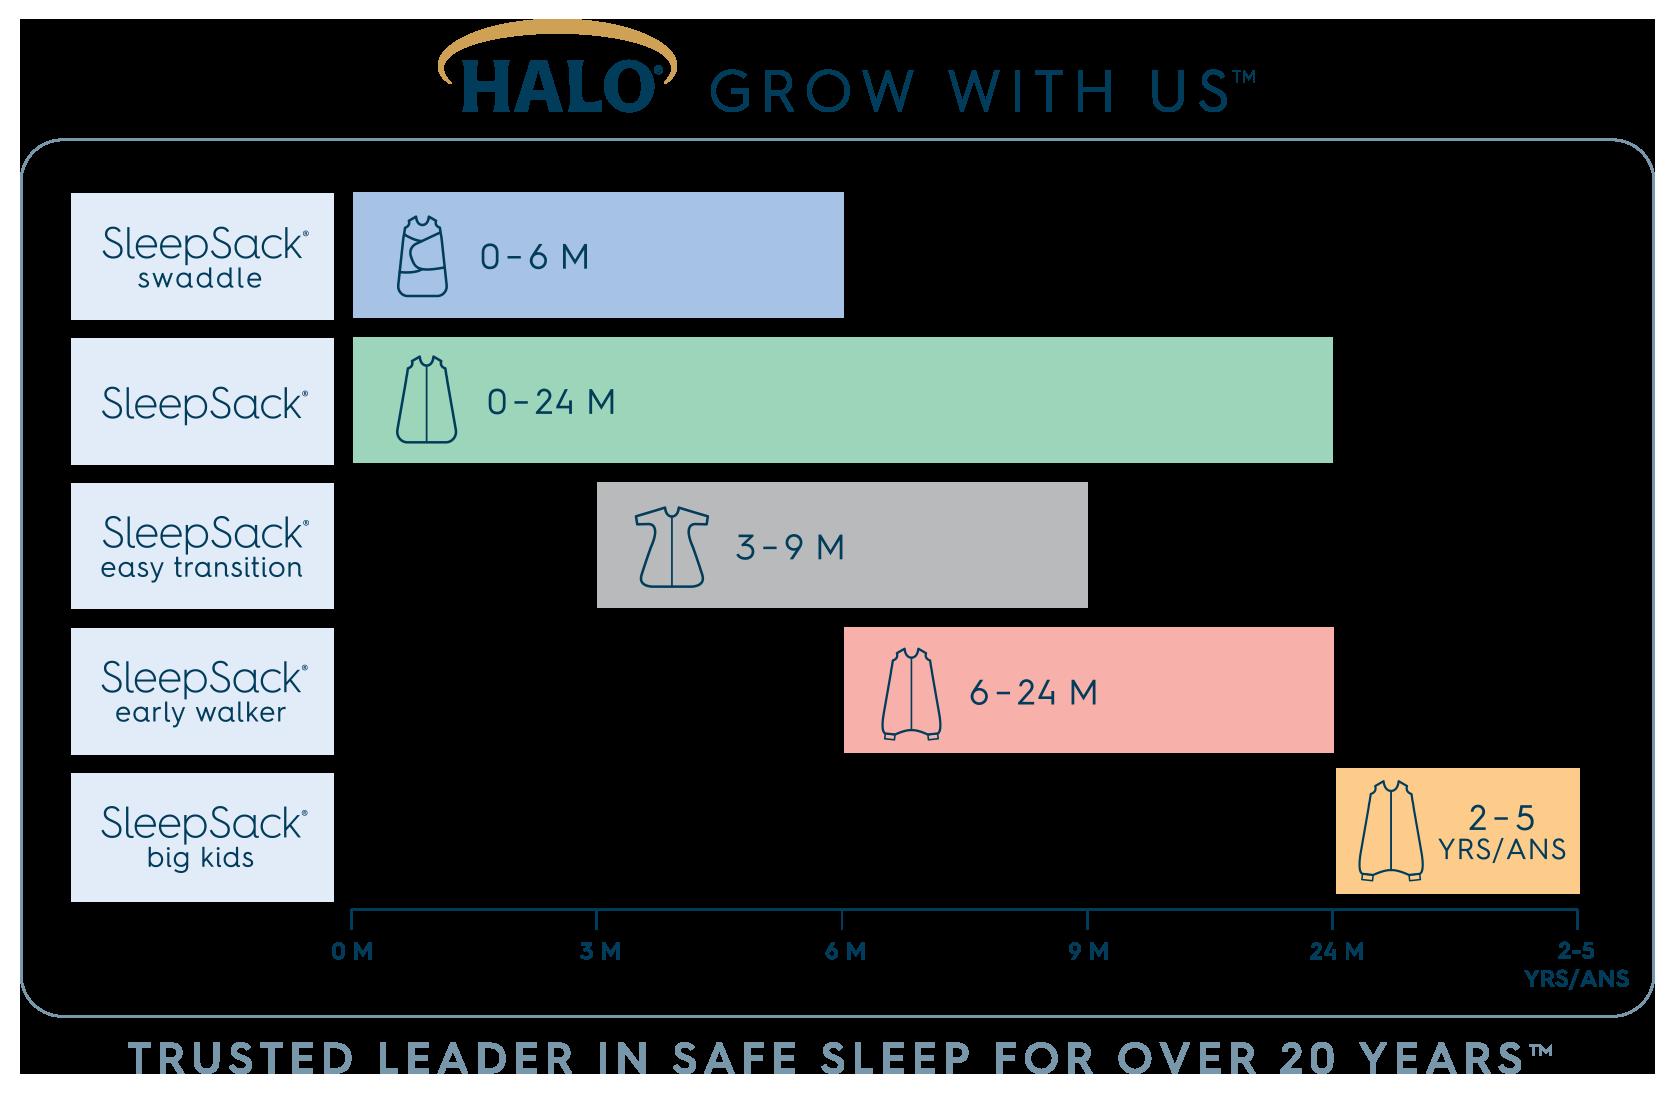 halo sleepsack grow with us chart